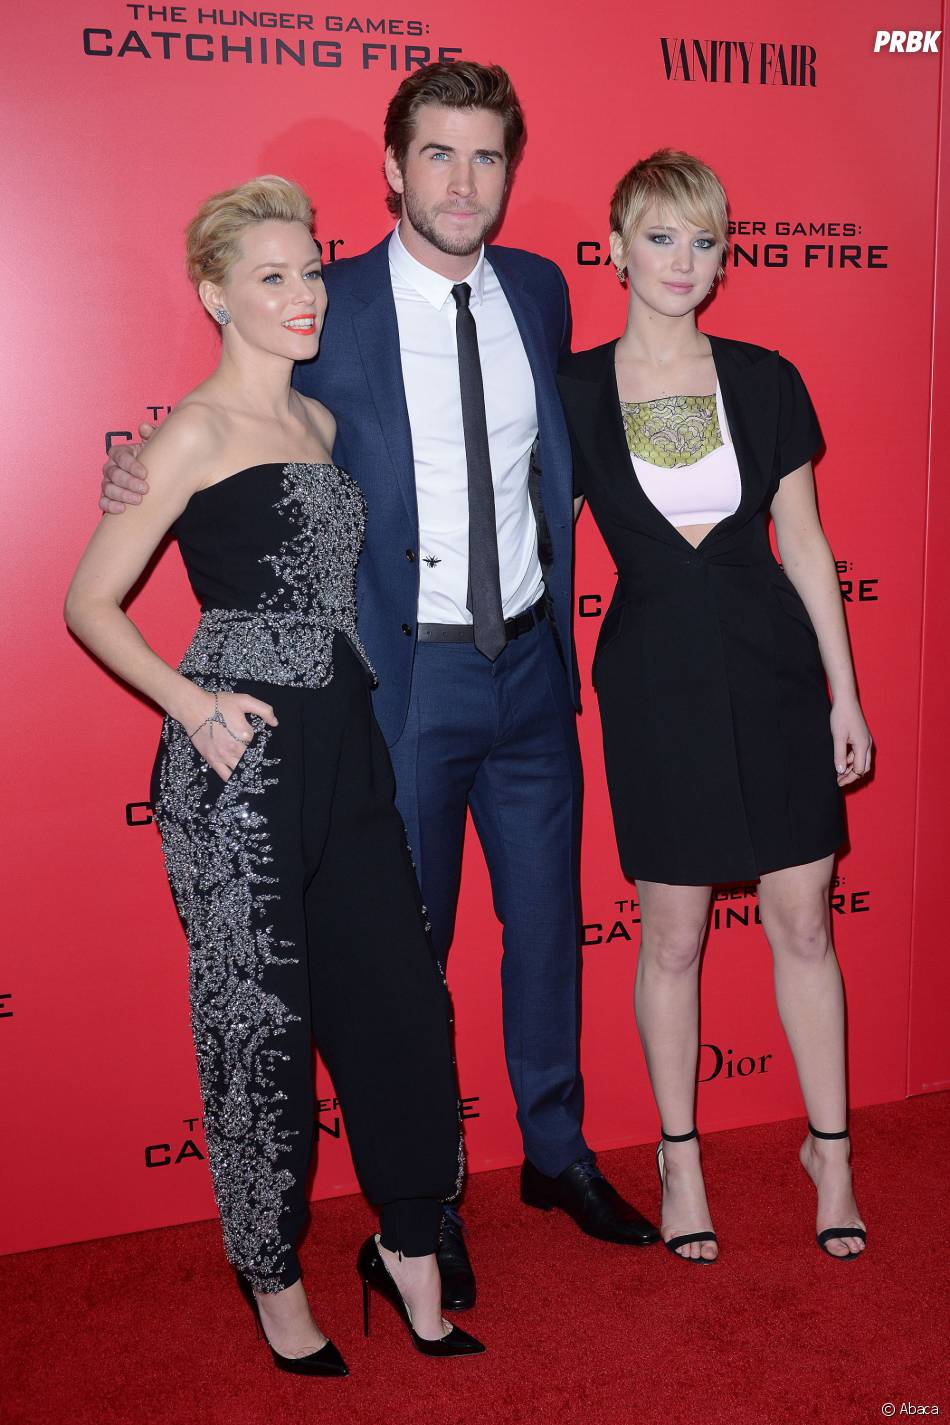 Liam Hemsworth, Elizabeth Banks et Jennifer Lawrence à l'avant-première d'Hunger Games l'embrasement à New York le 20 novembre 2013